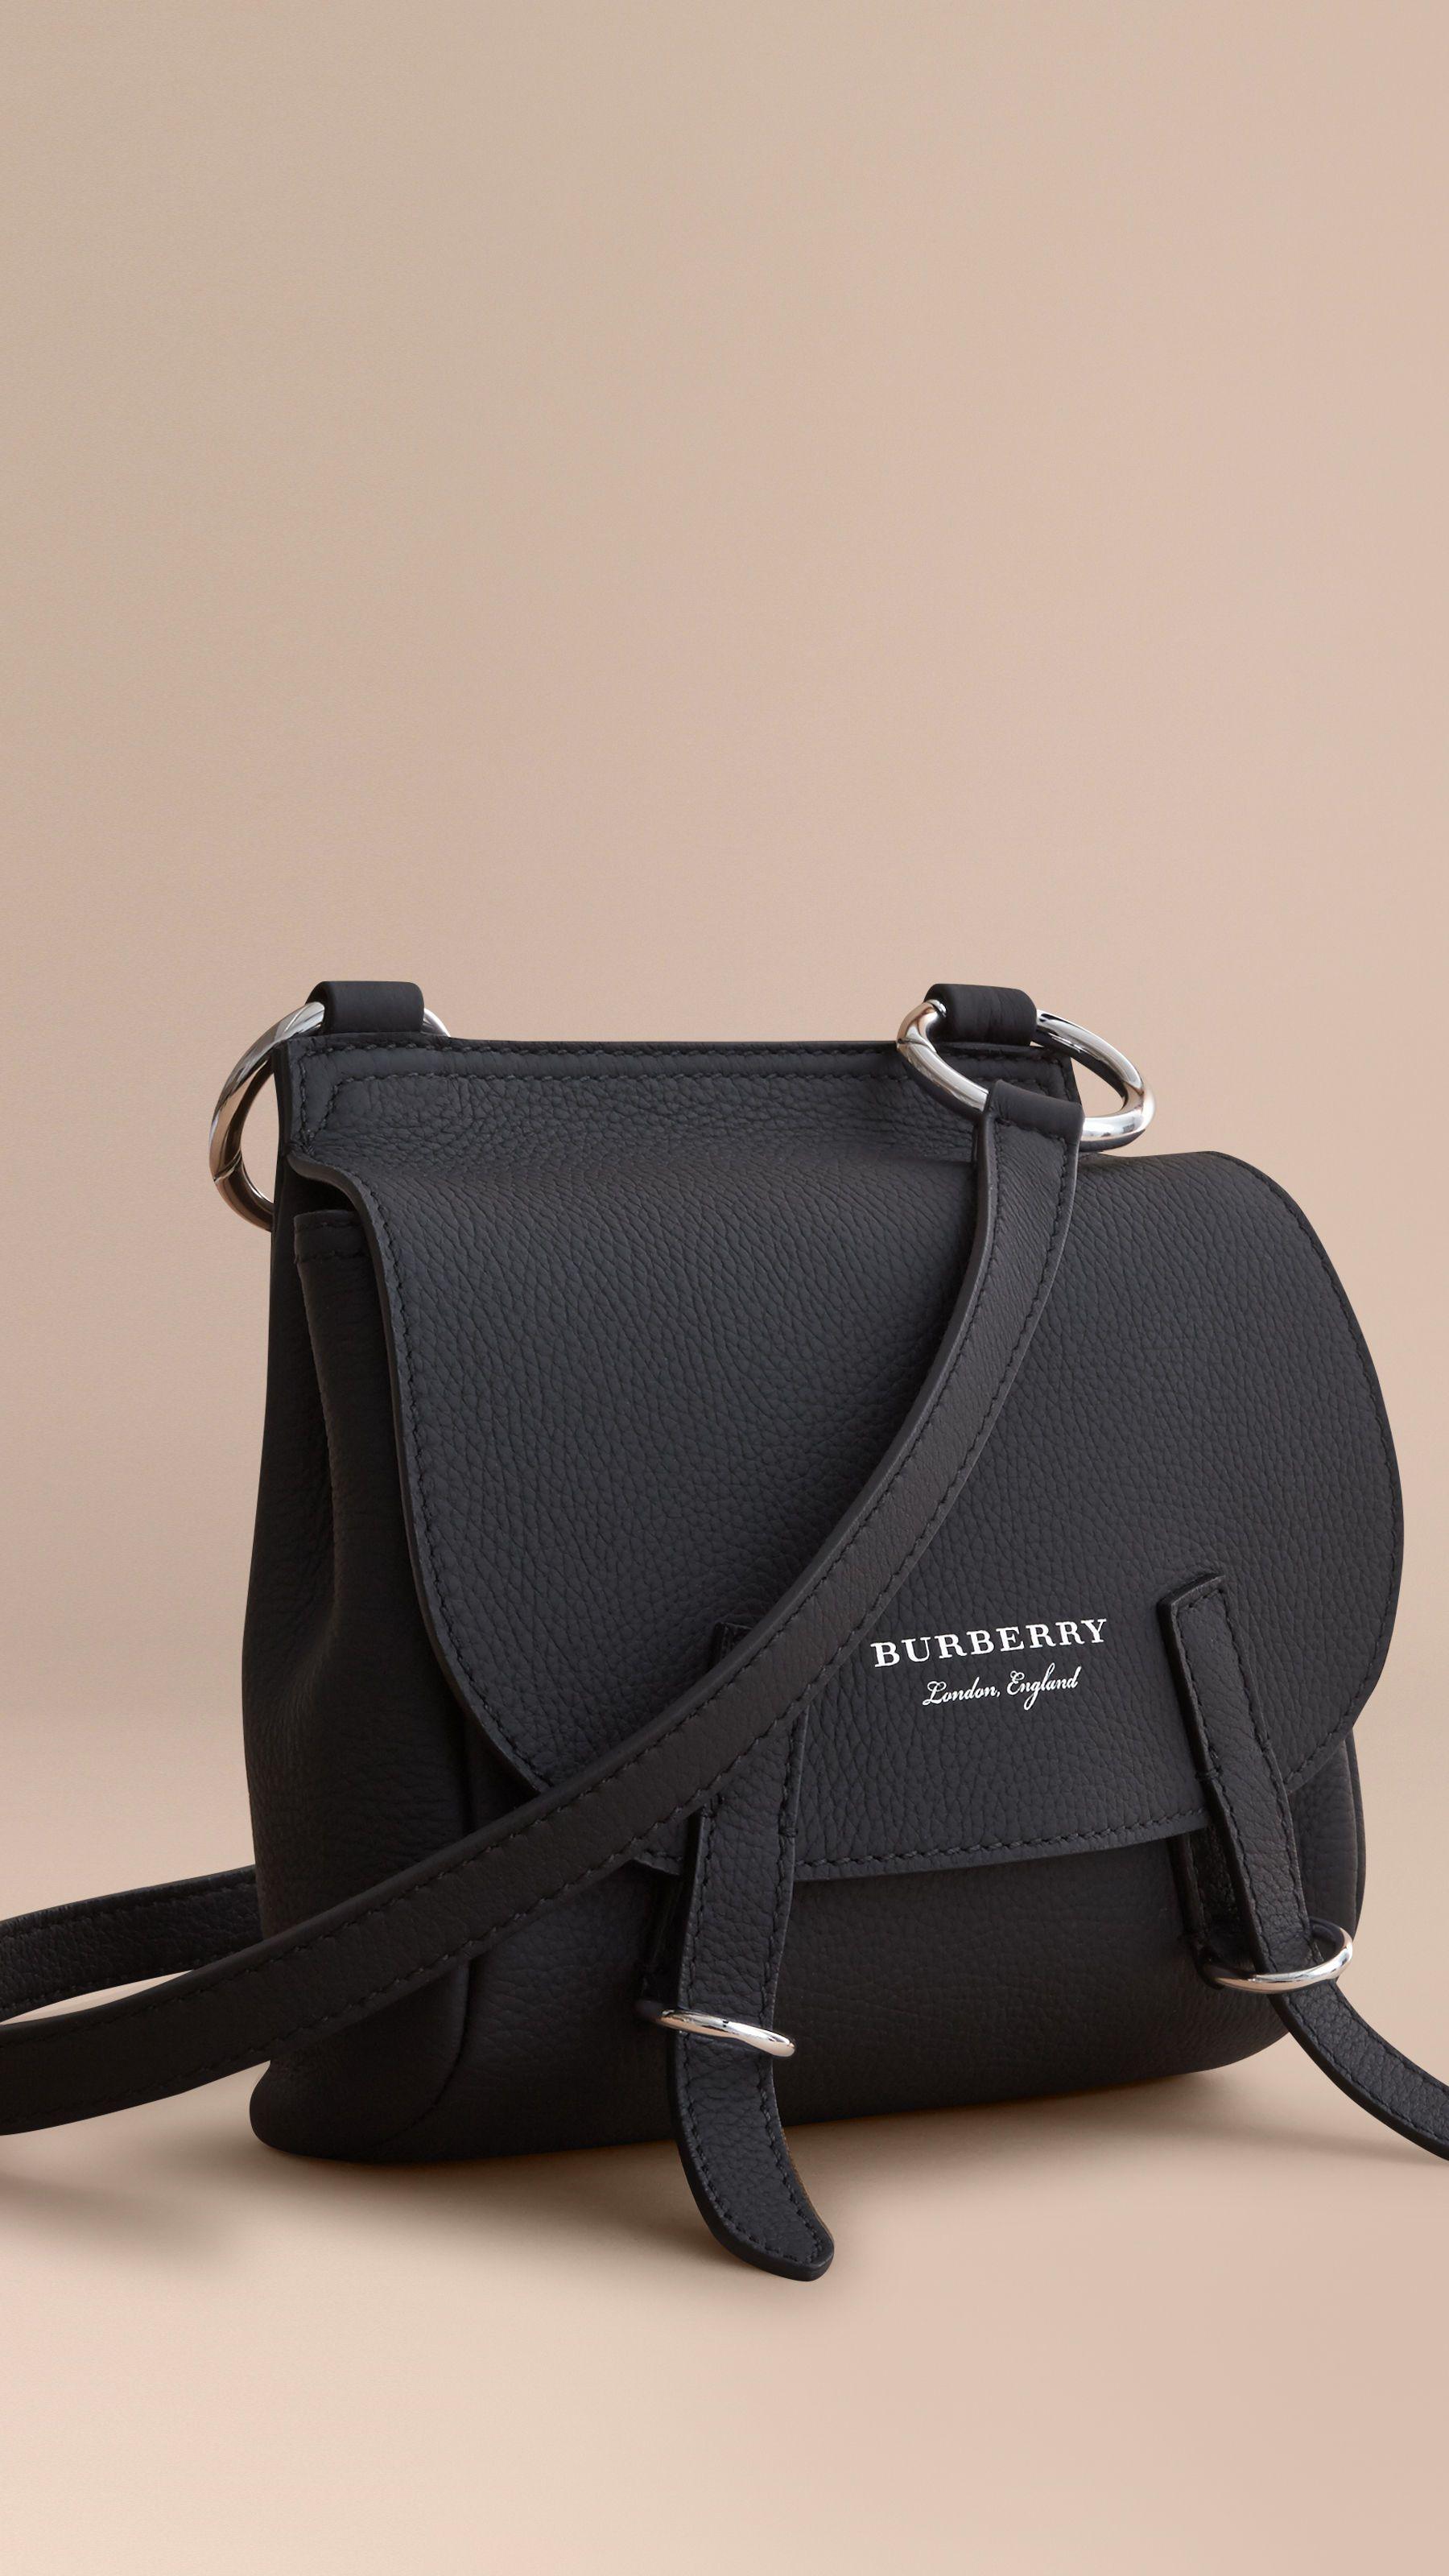 27591755d8 The Bridle Crossbody Bag in Deerskin Black